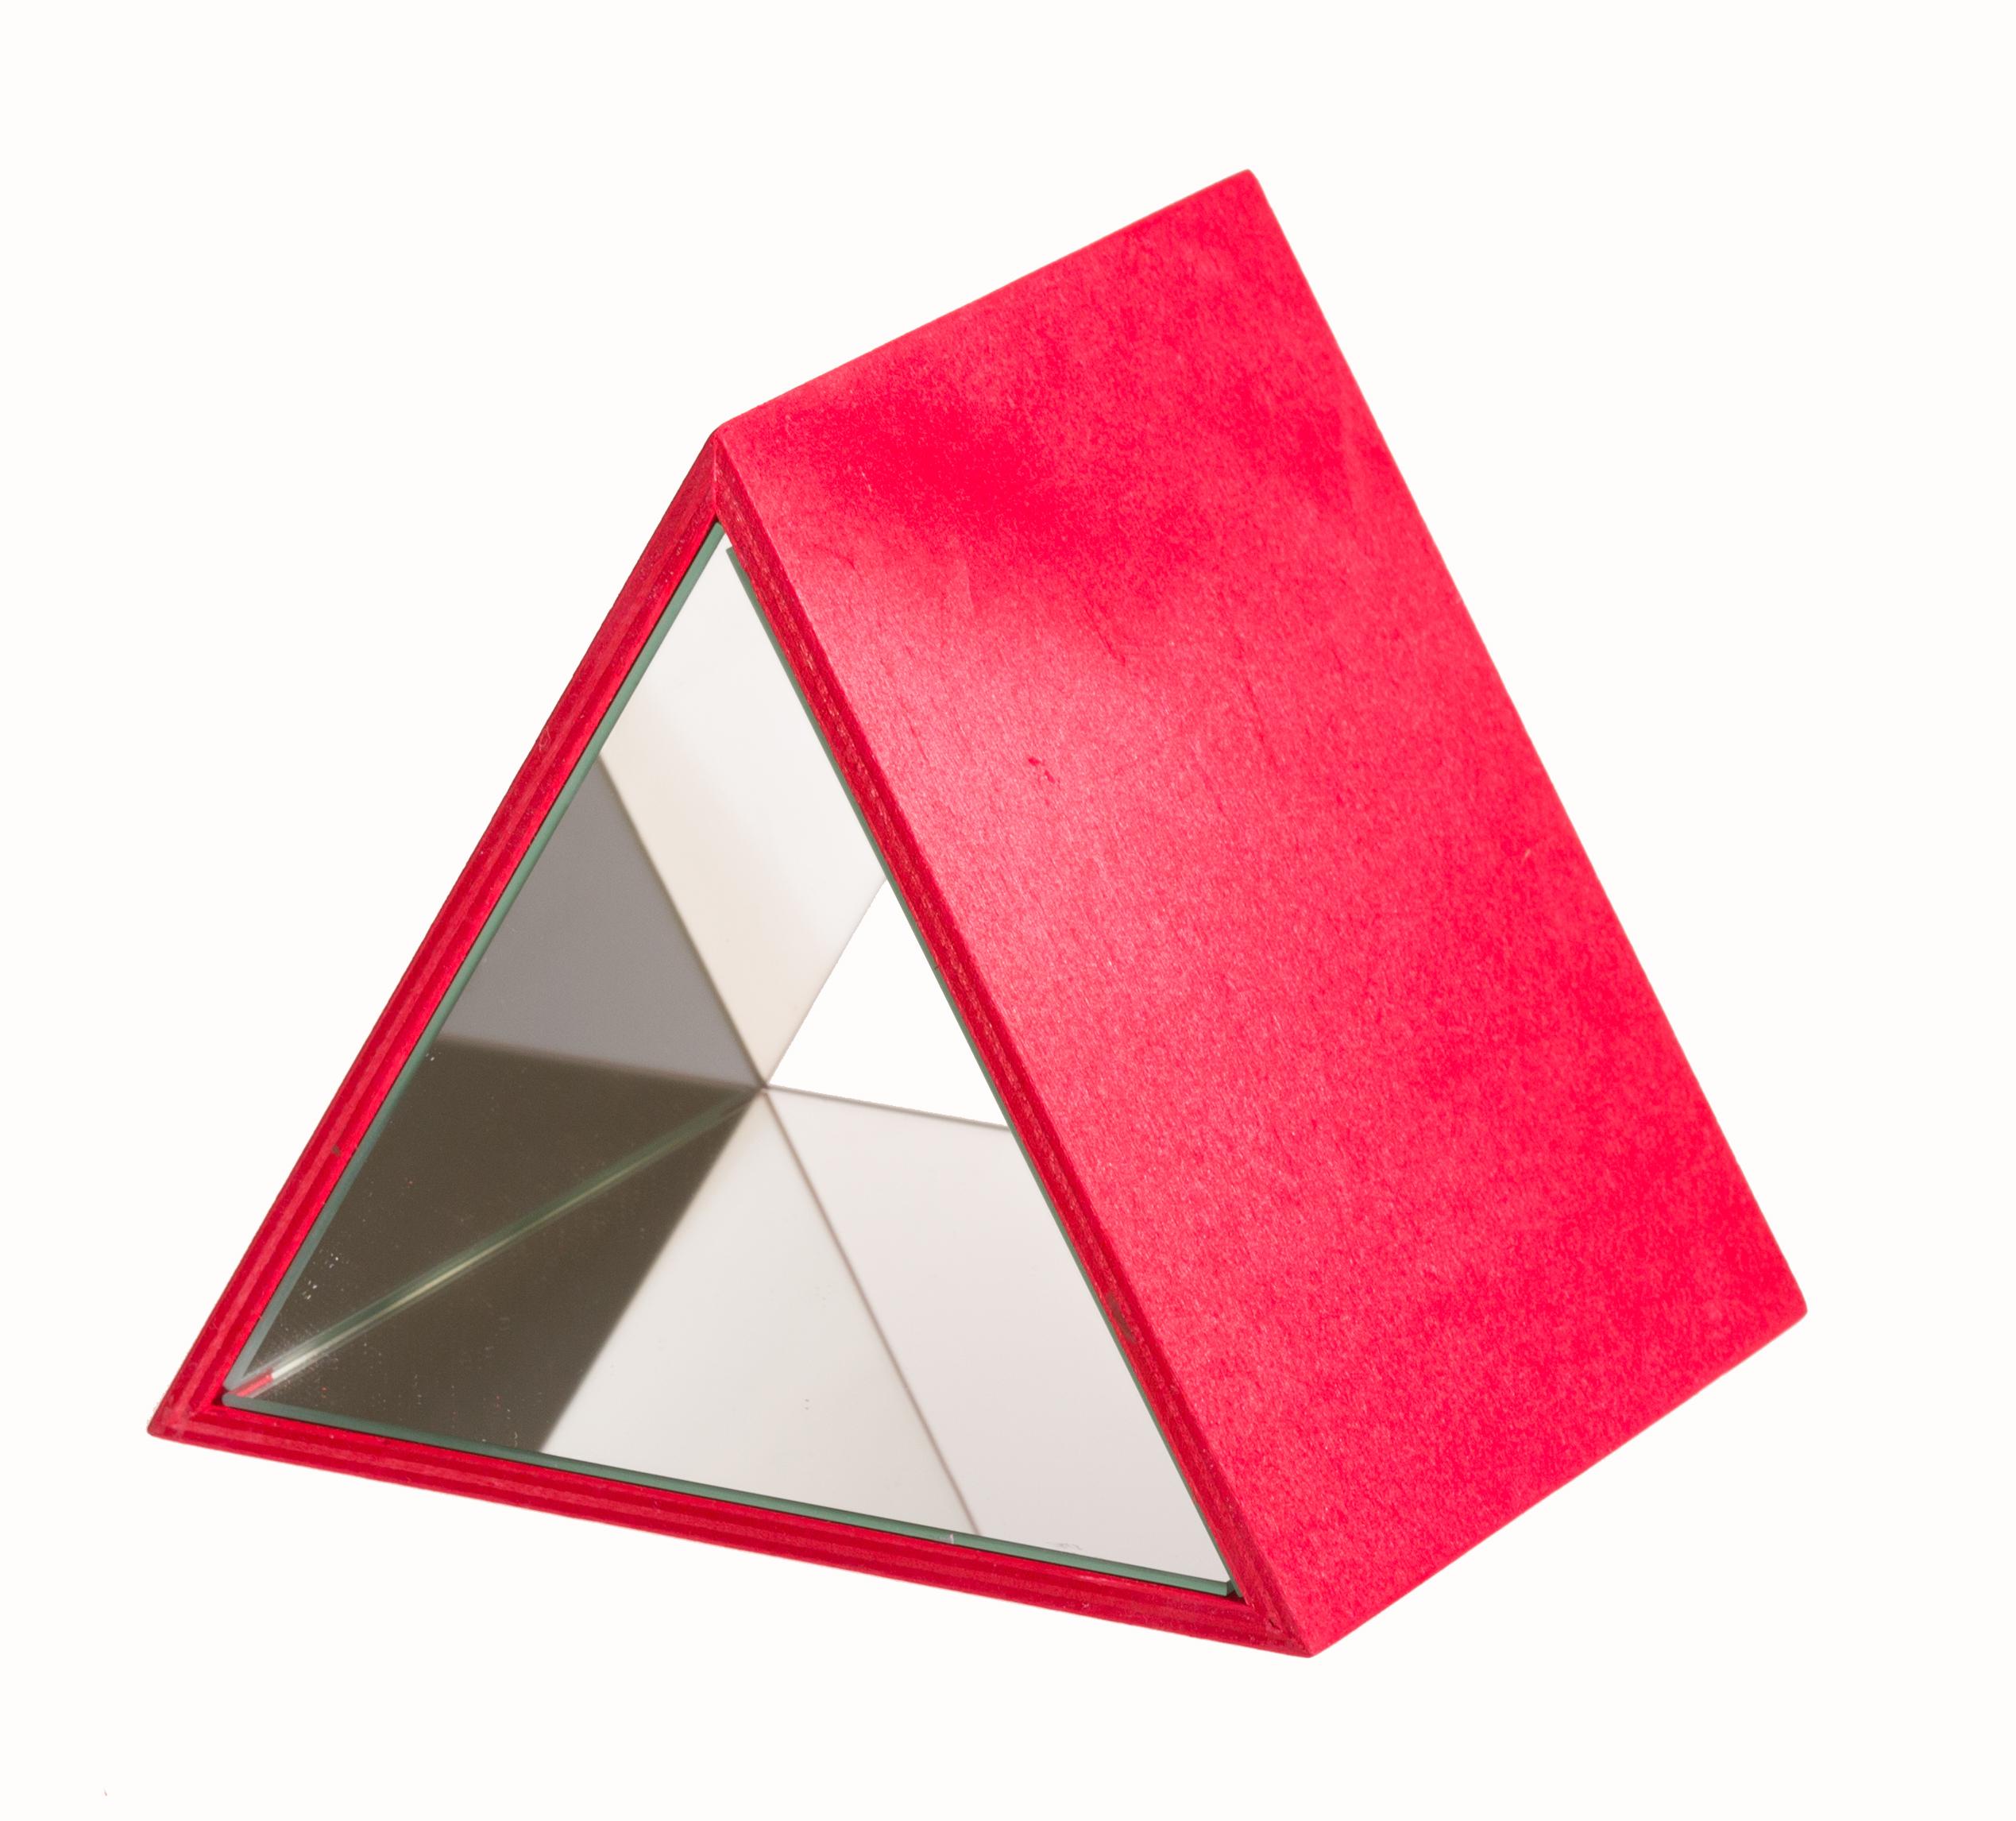 Kaleidoskop quadratisch von Kraul, Nr. 5550